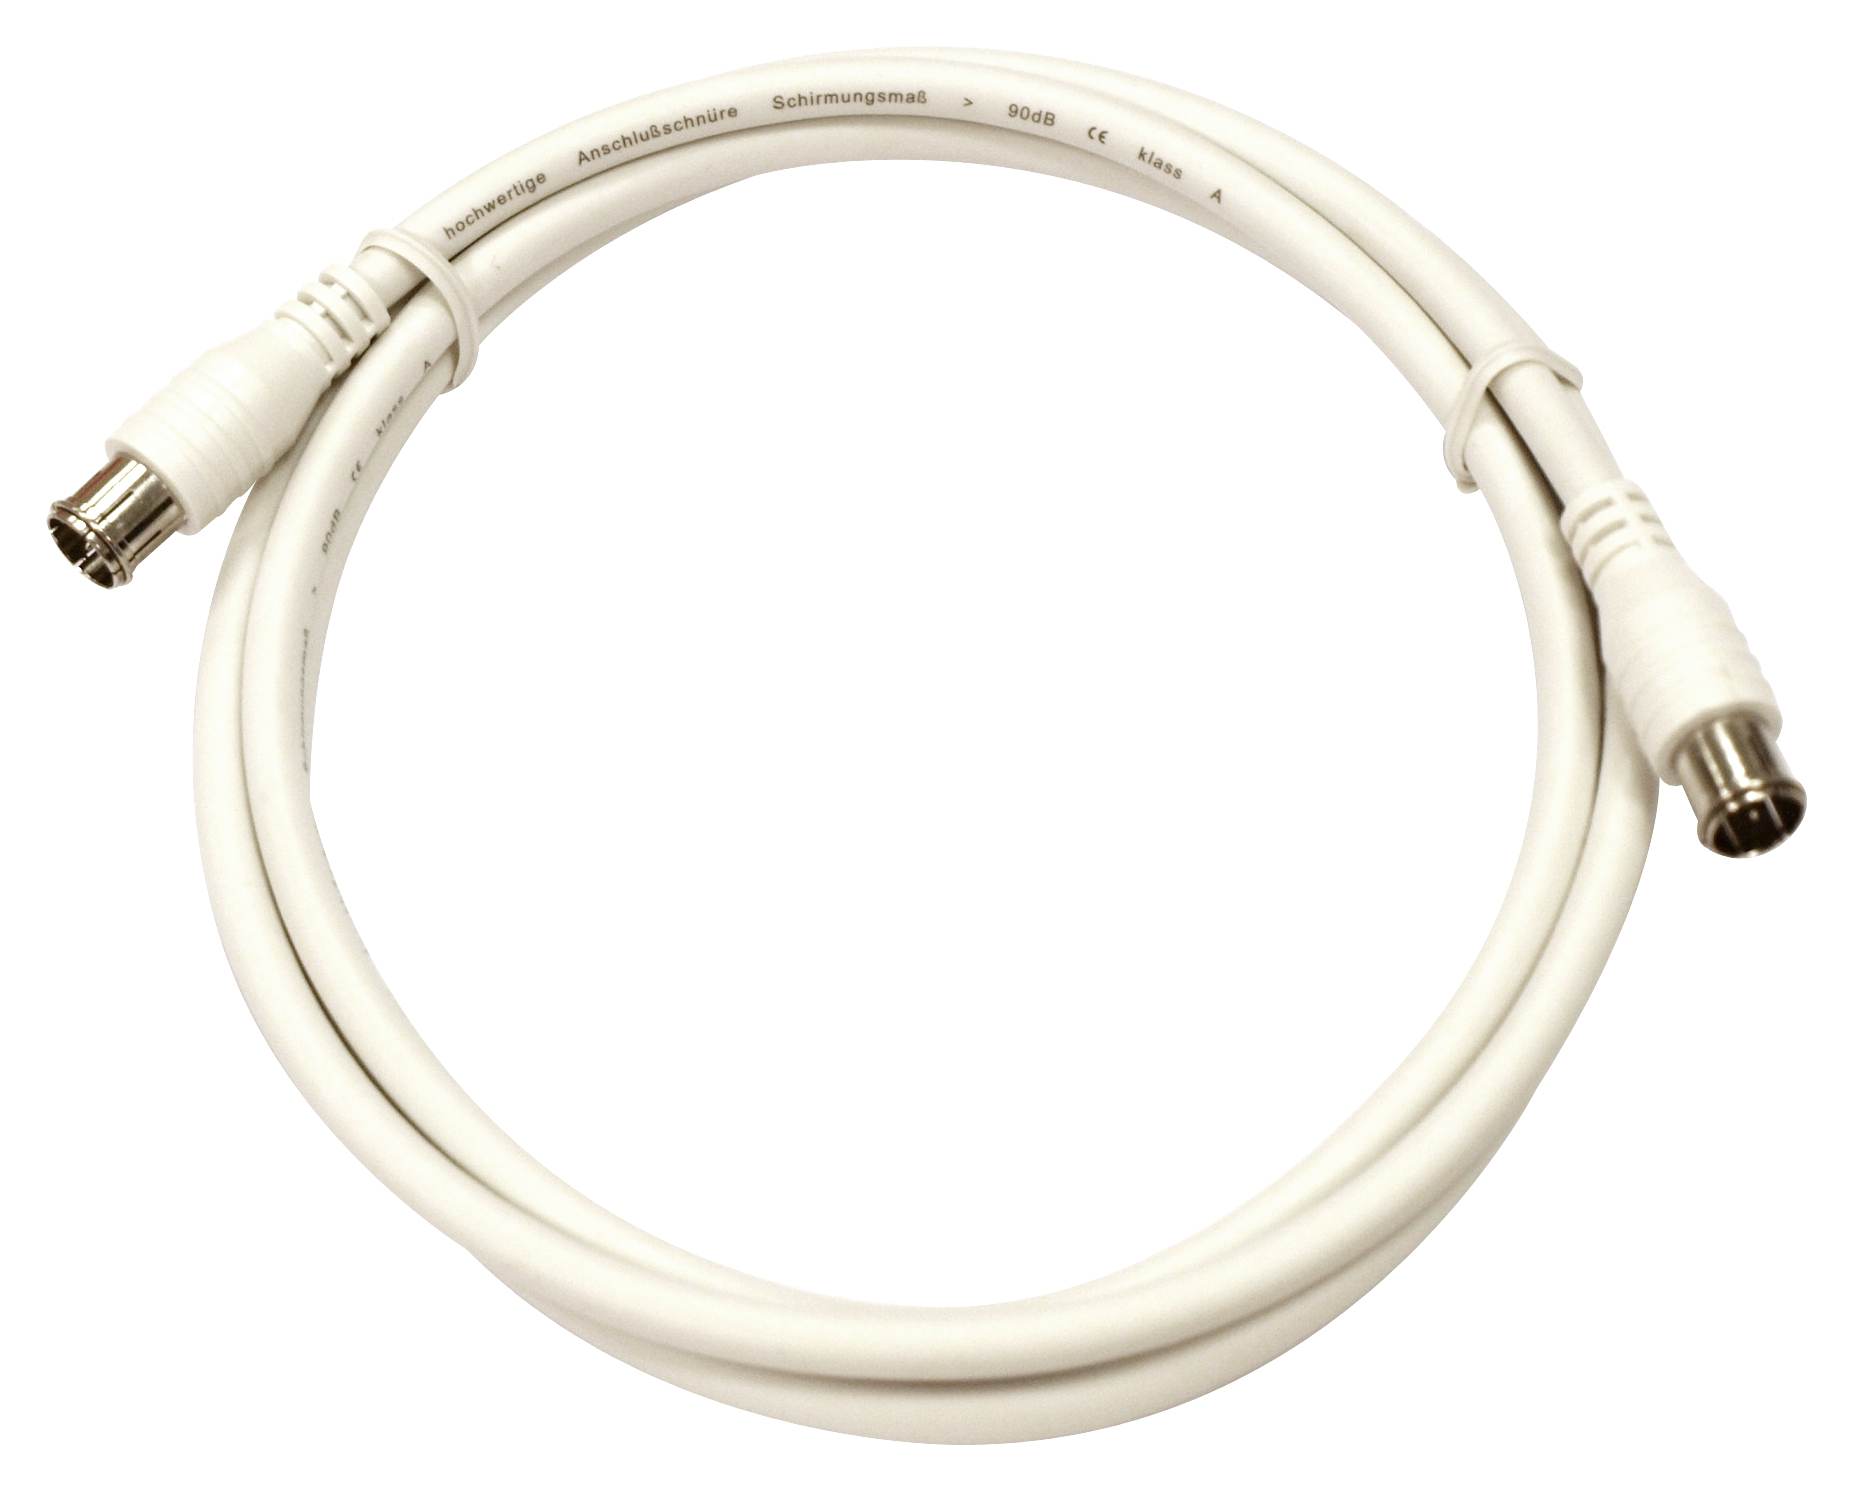 1 Stk Koax Patchkabel, 2xF-Quick gerade, >90dB, ClassA, weiß, 1,0m HS4HC01K0-